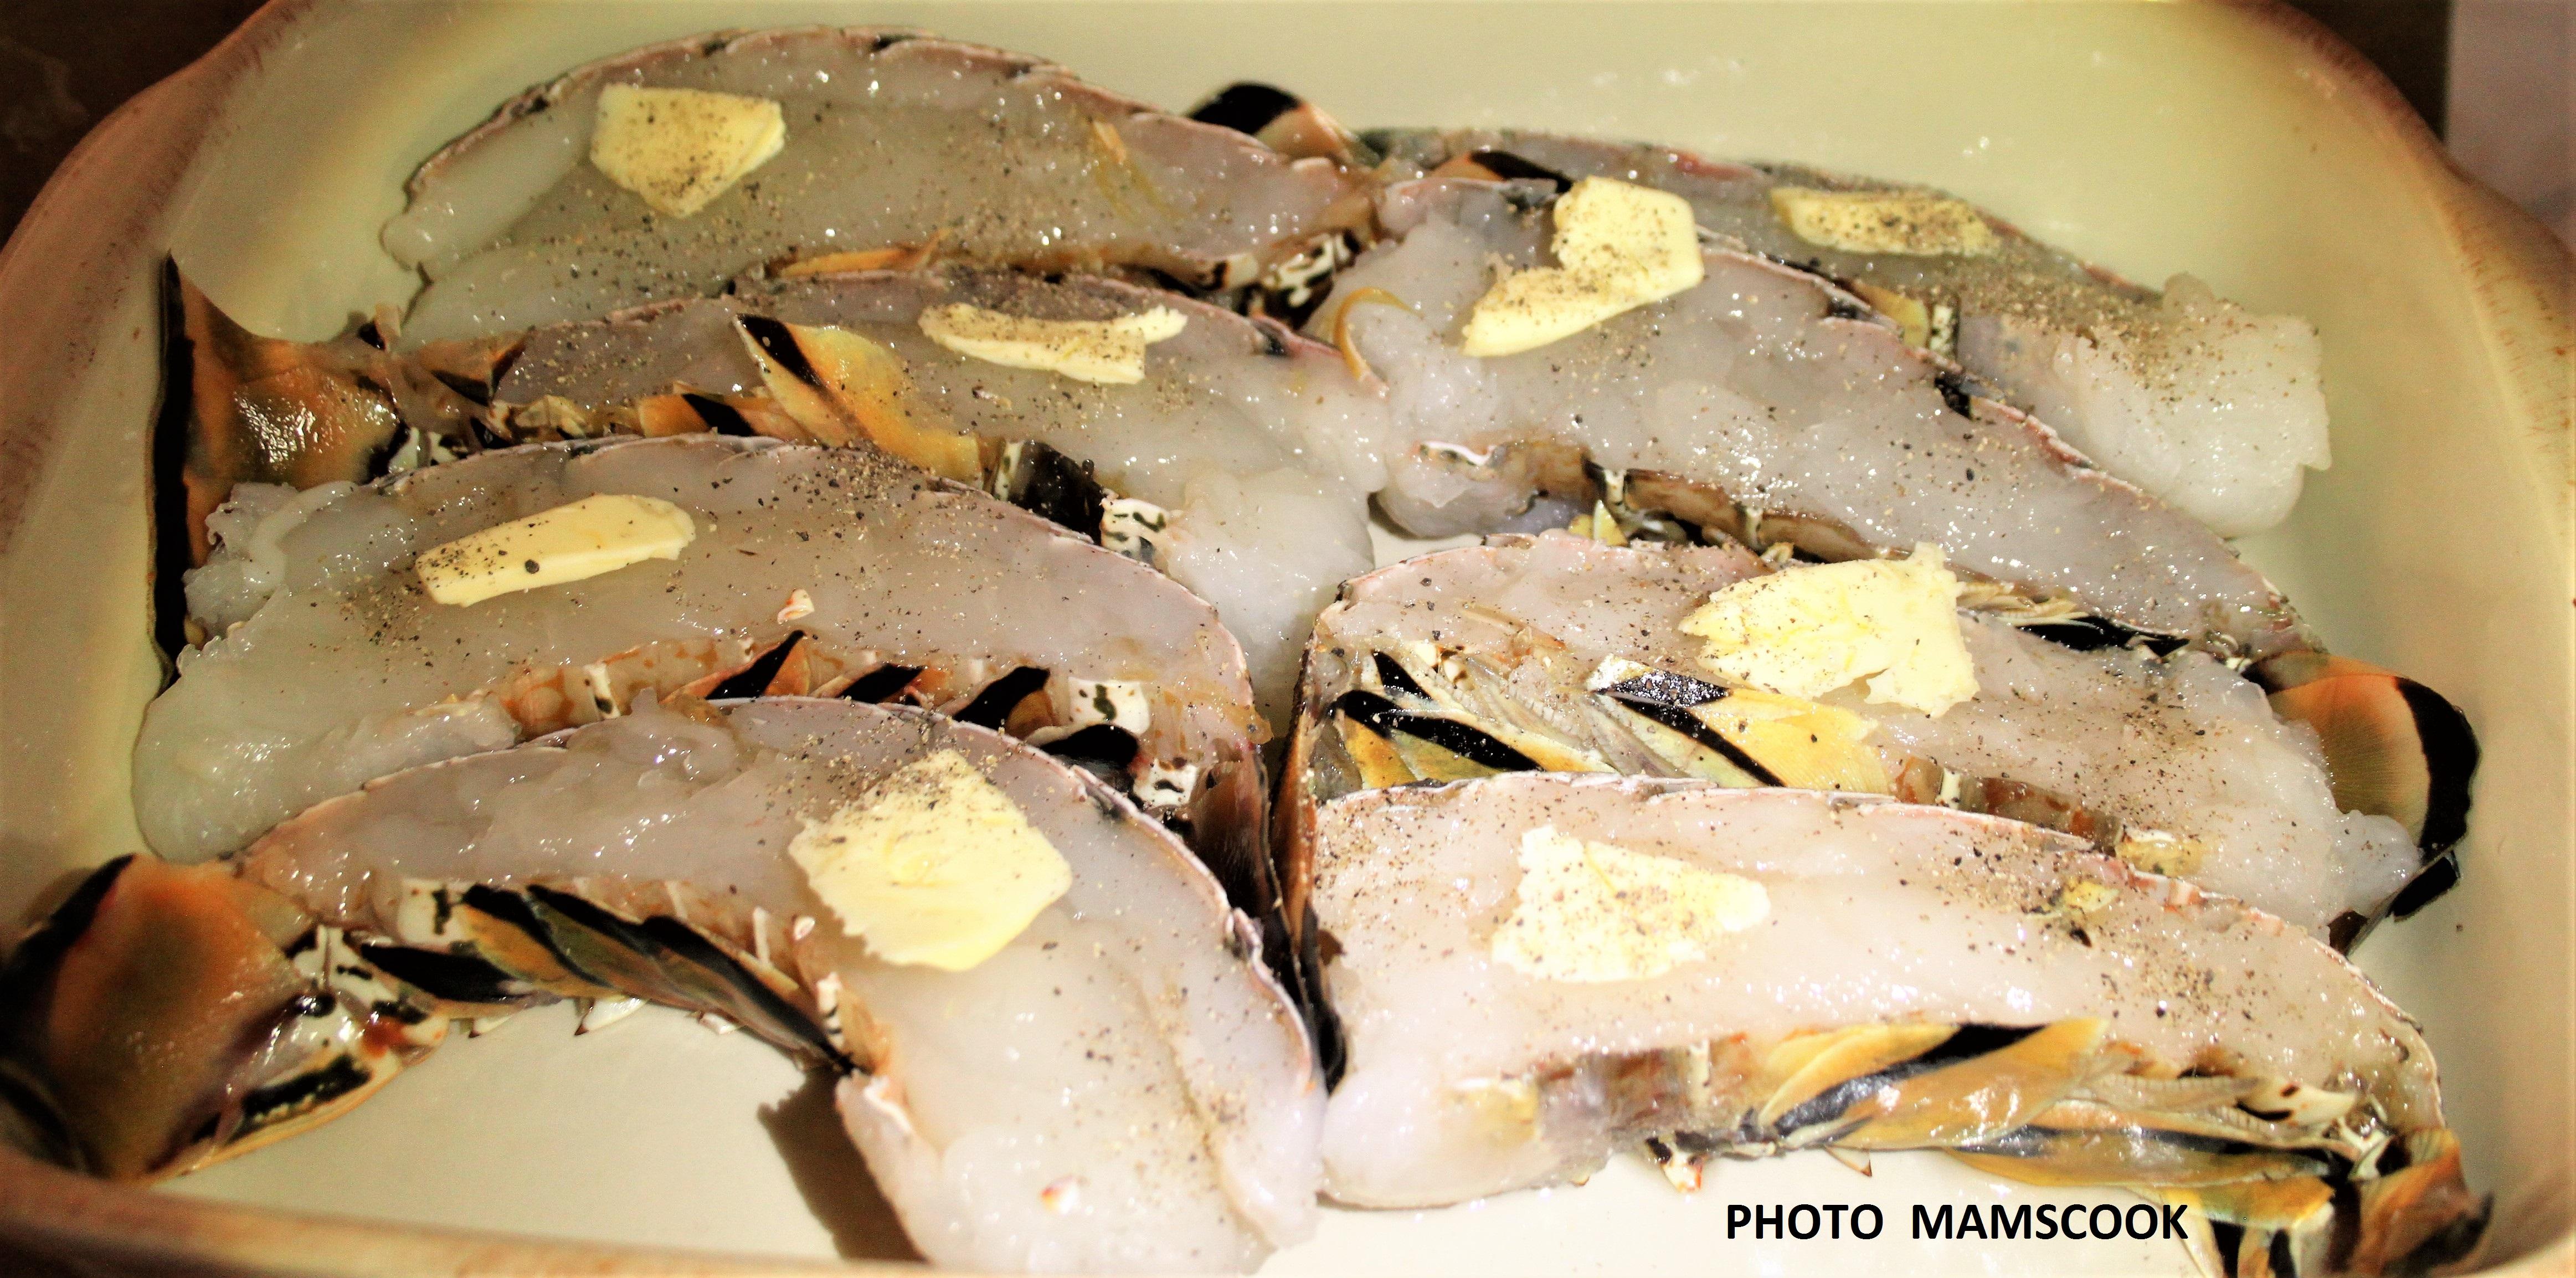 Queues de langoustes r ties sauce vierge la grenade - Cuisiner des queues de langouste ...